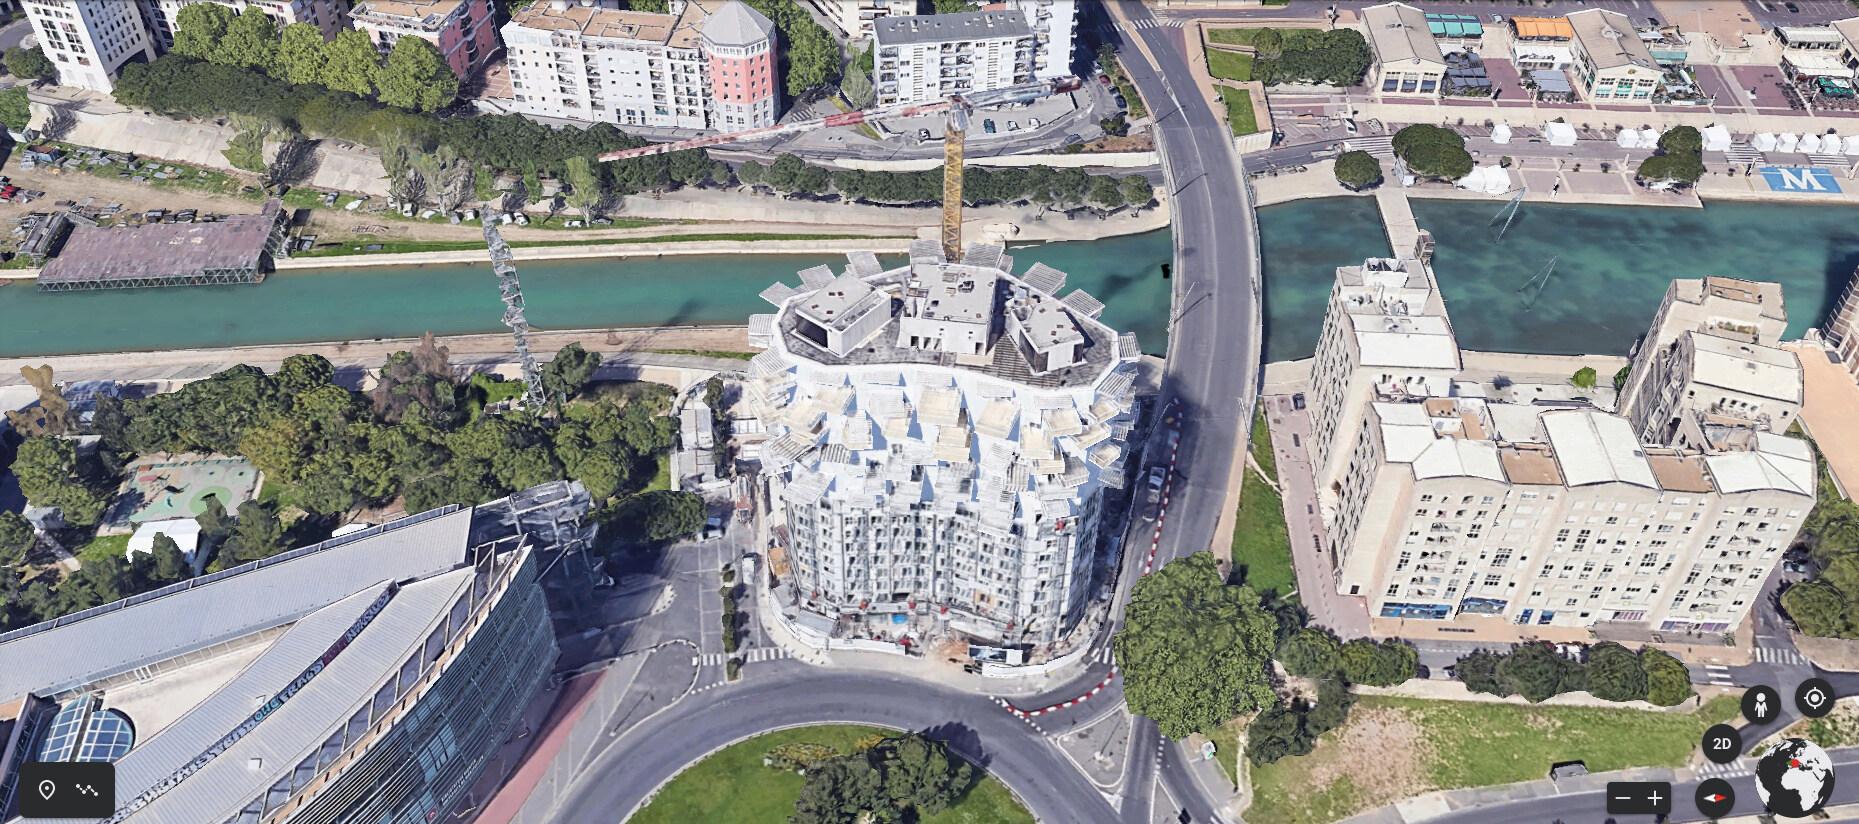 """(Bientôt visible sur G.E.) L'immeuble """"L'arbre Blanc' à Montpellier Captur17"""